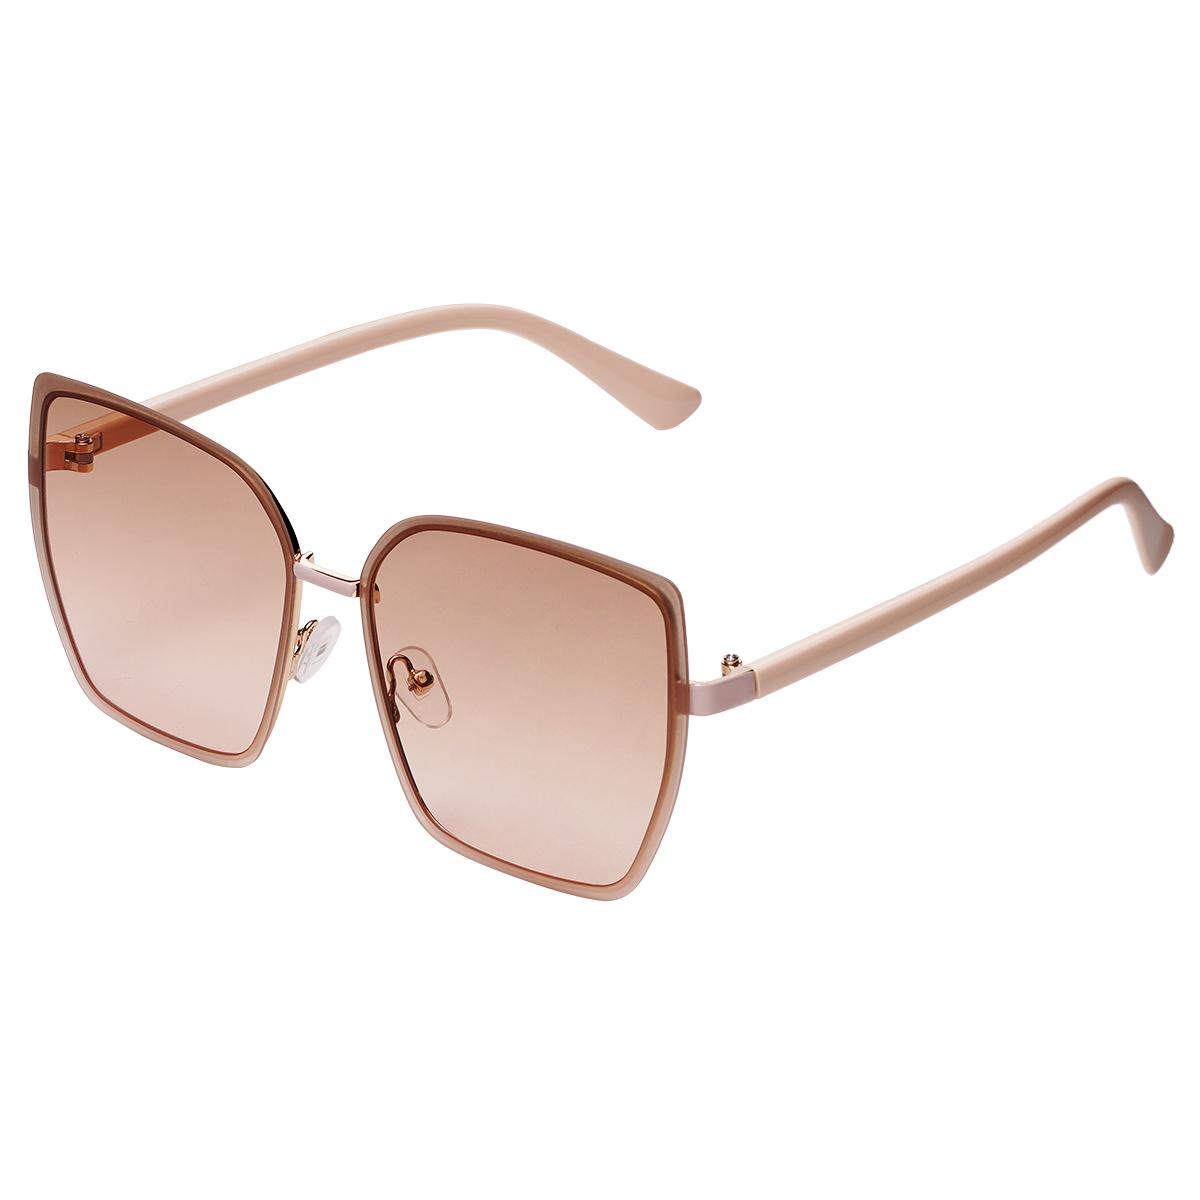 Gafas de sol beige con montura pequeña